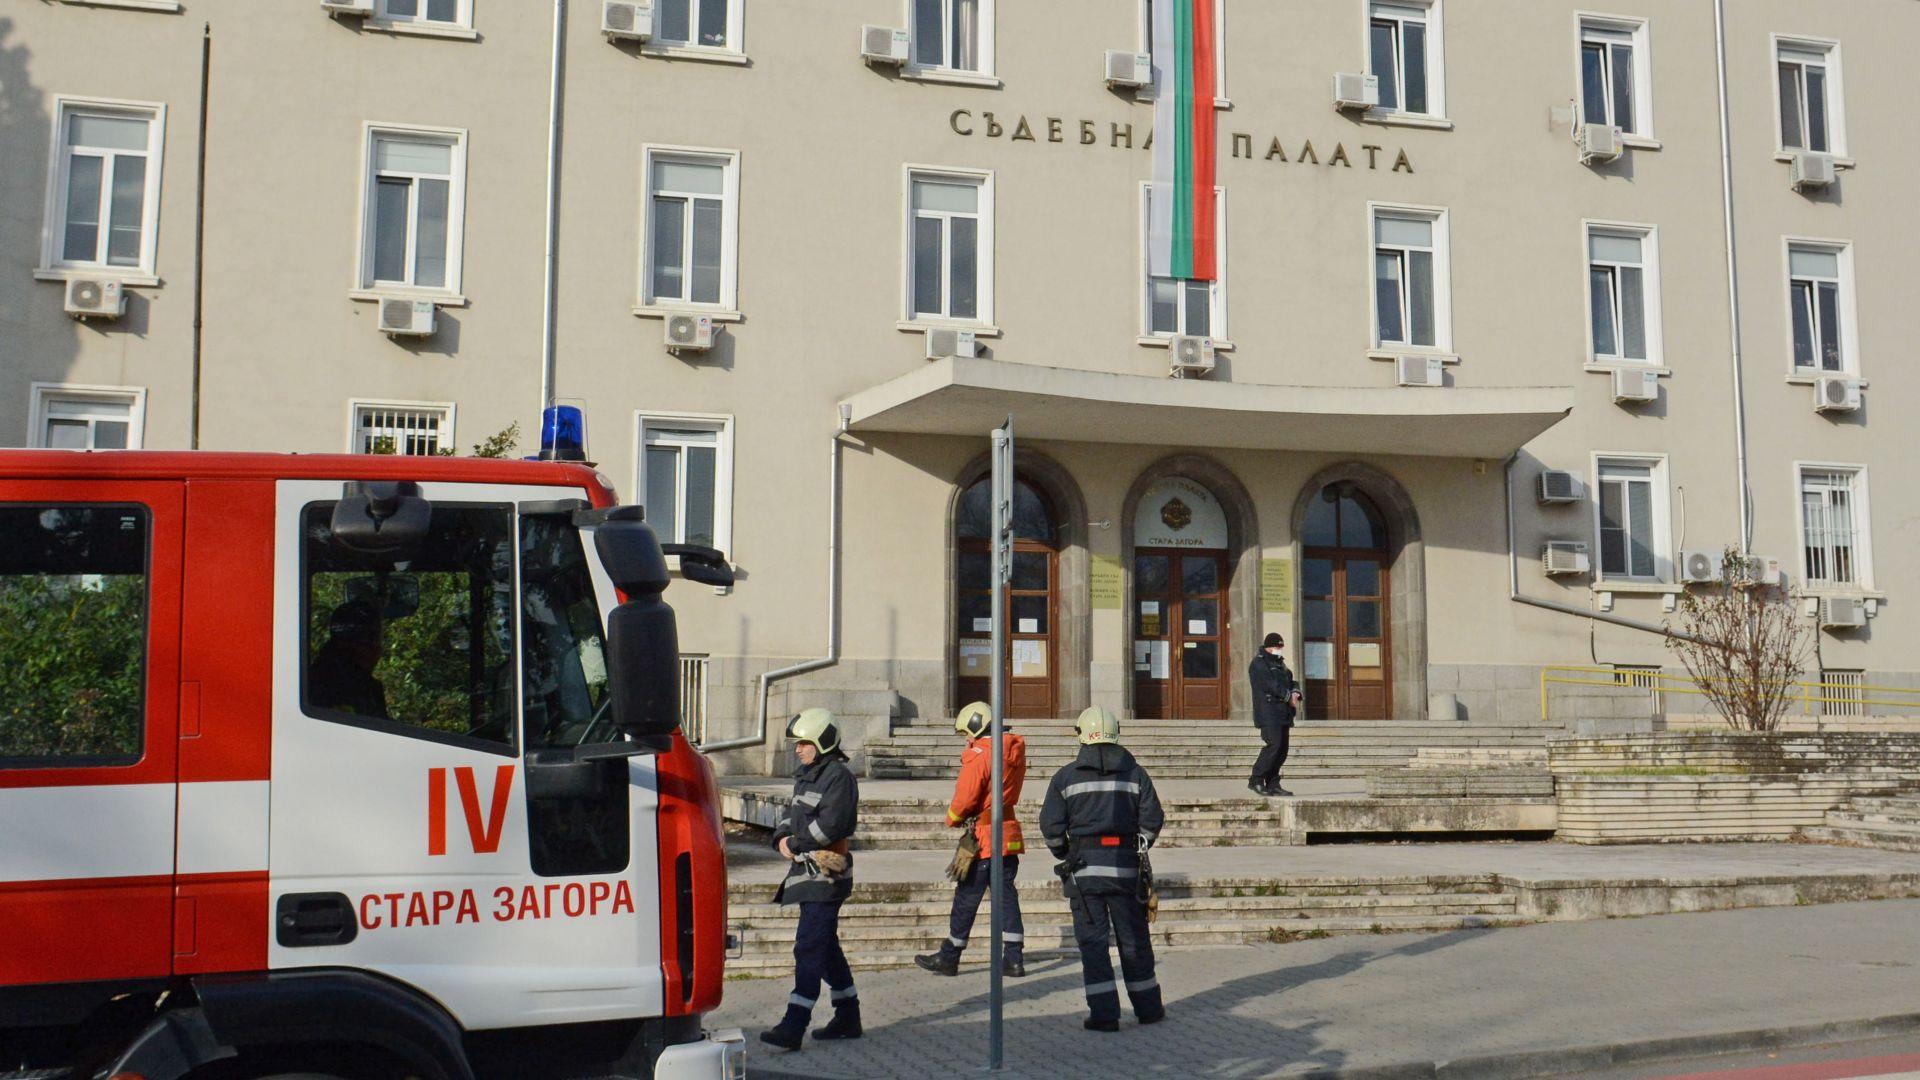 Евакуираха Съдебната палата в Стара Загора след сигнал за бомба